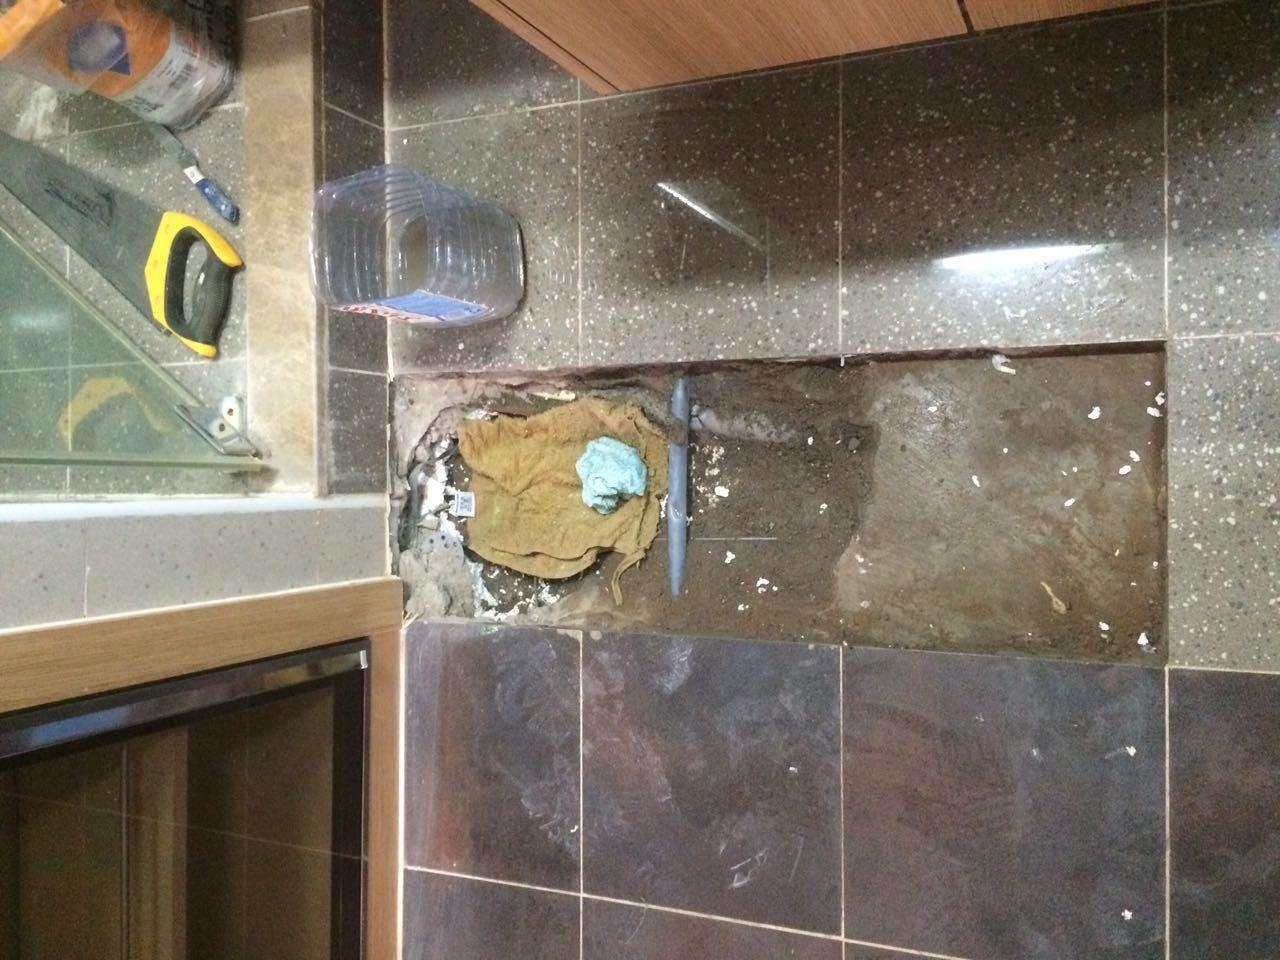 Квартира в элитном ЖК Астаны находится в плачевном состоянии из-за потопа